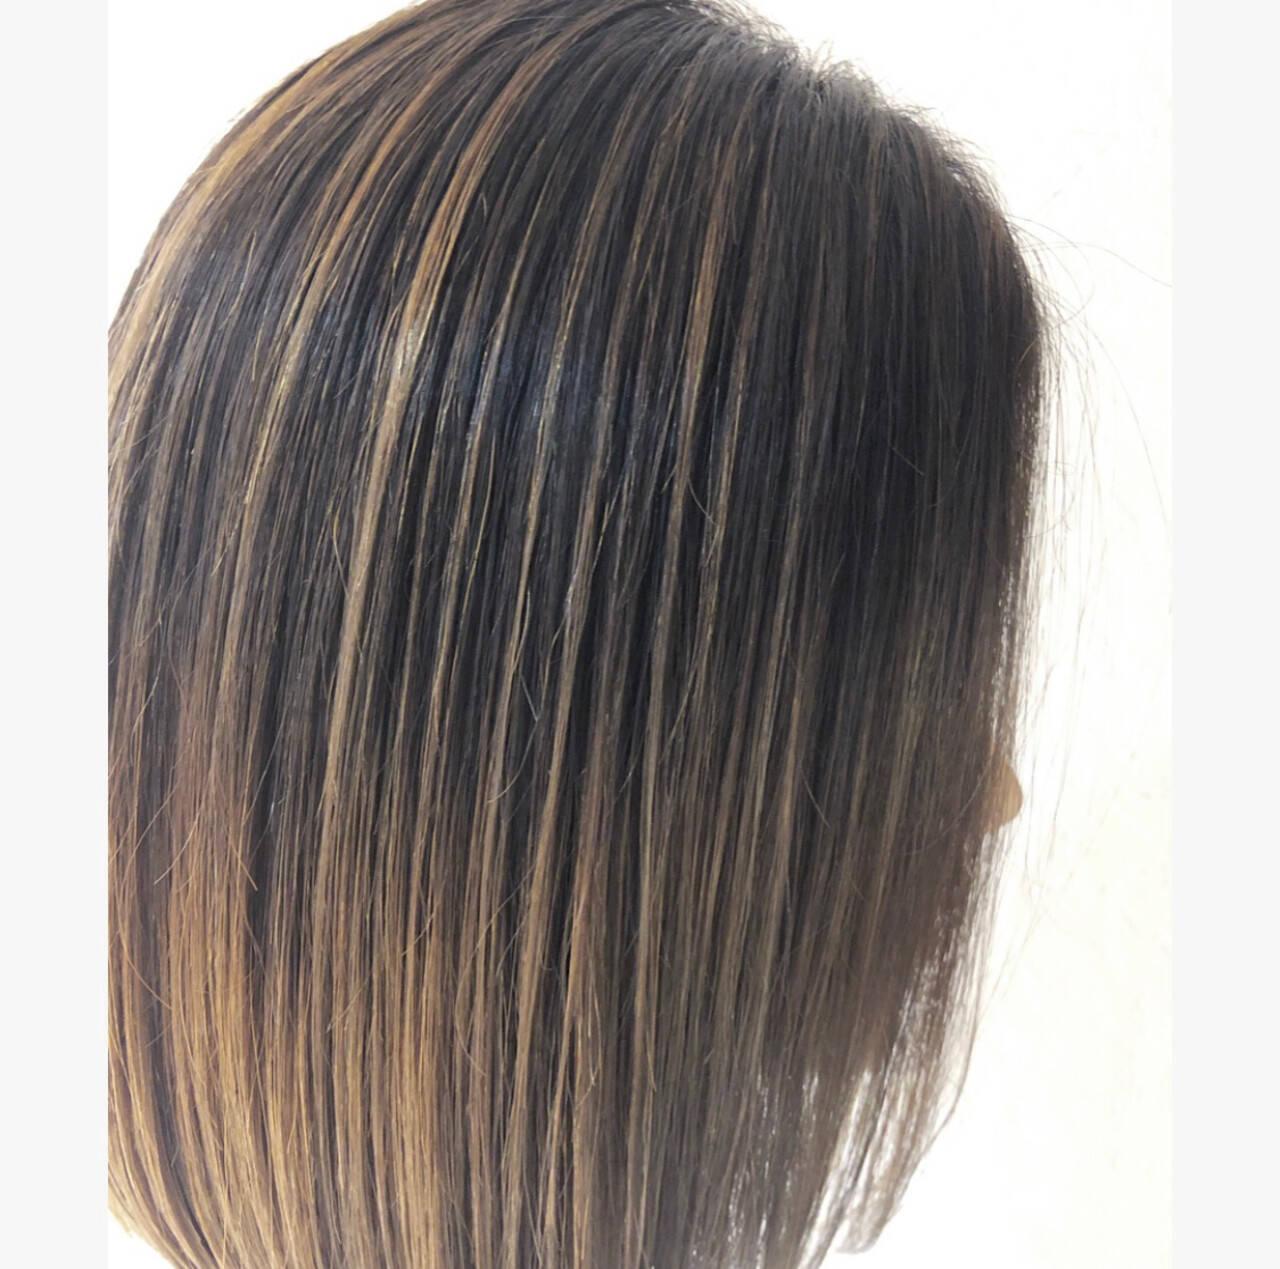 グレージュ ヘアアレンジ ハイライト バレイヤージュヘアスタイルや髪型の写真・画像